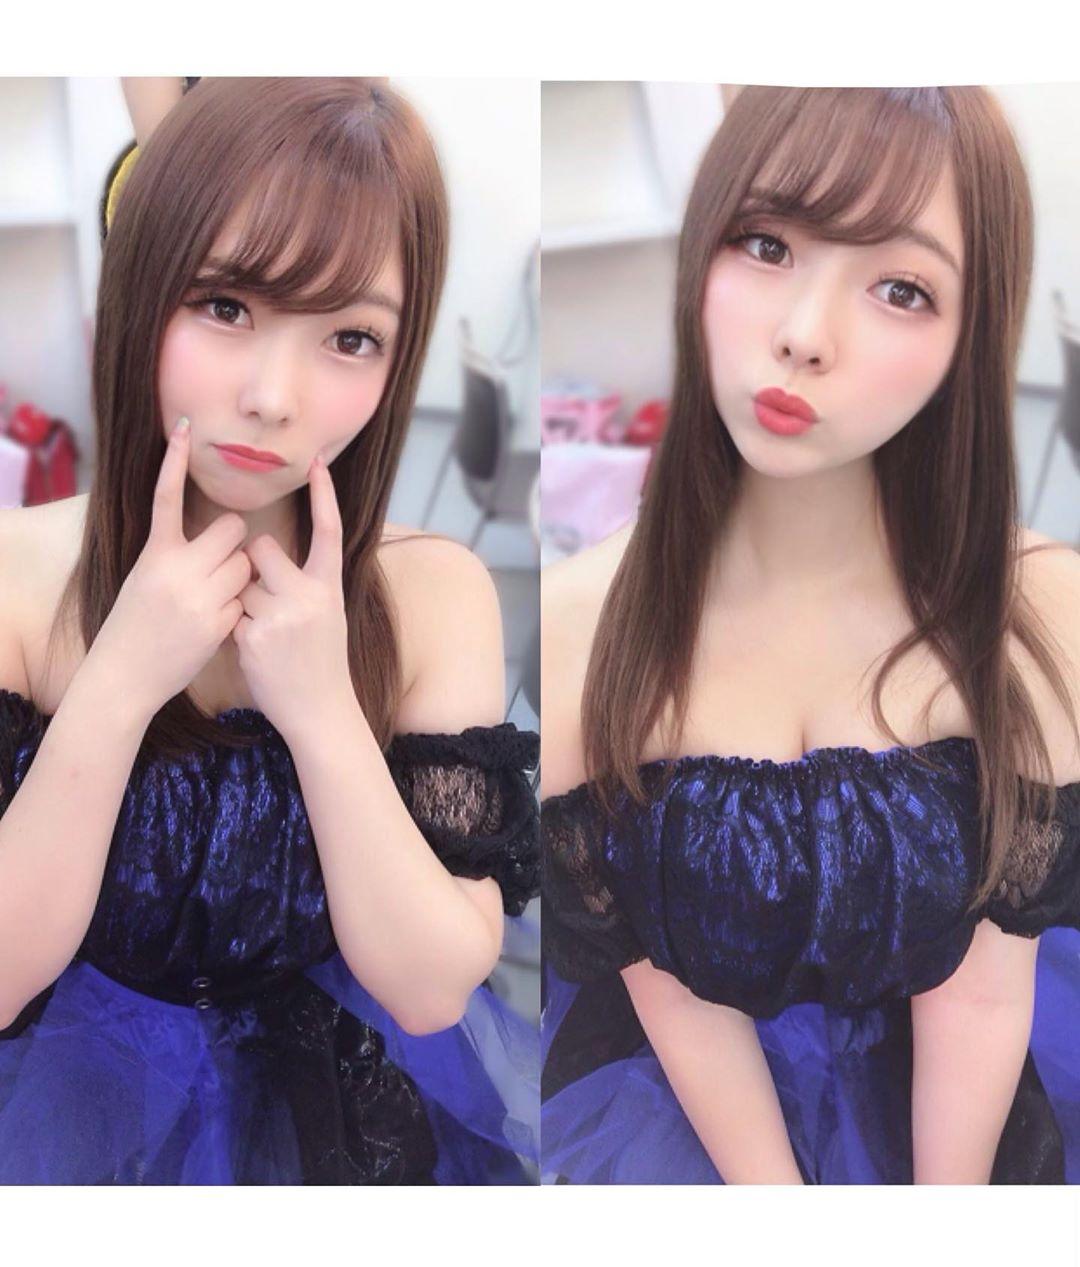 yuuki_chika024.jpg